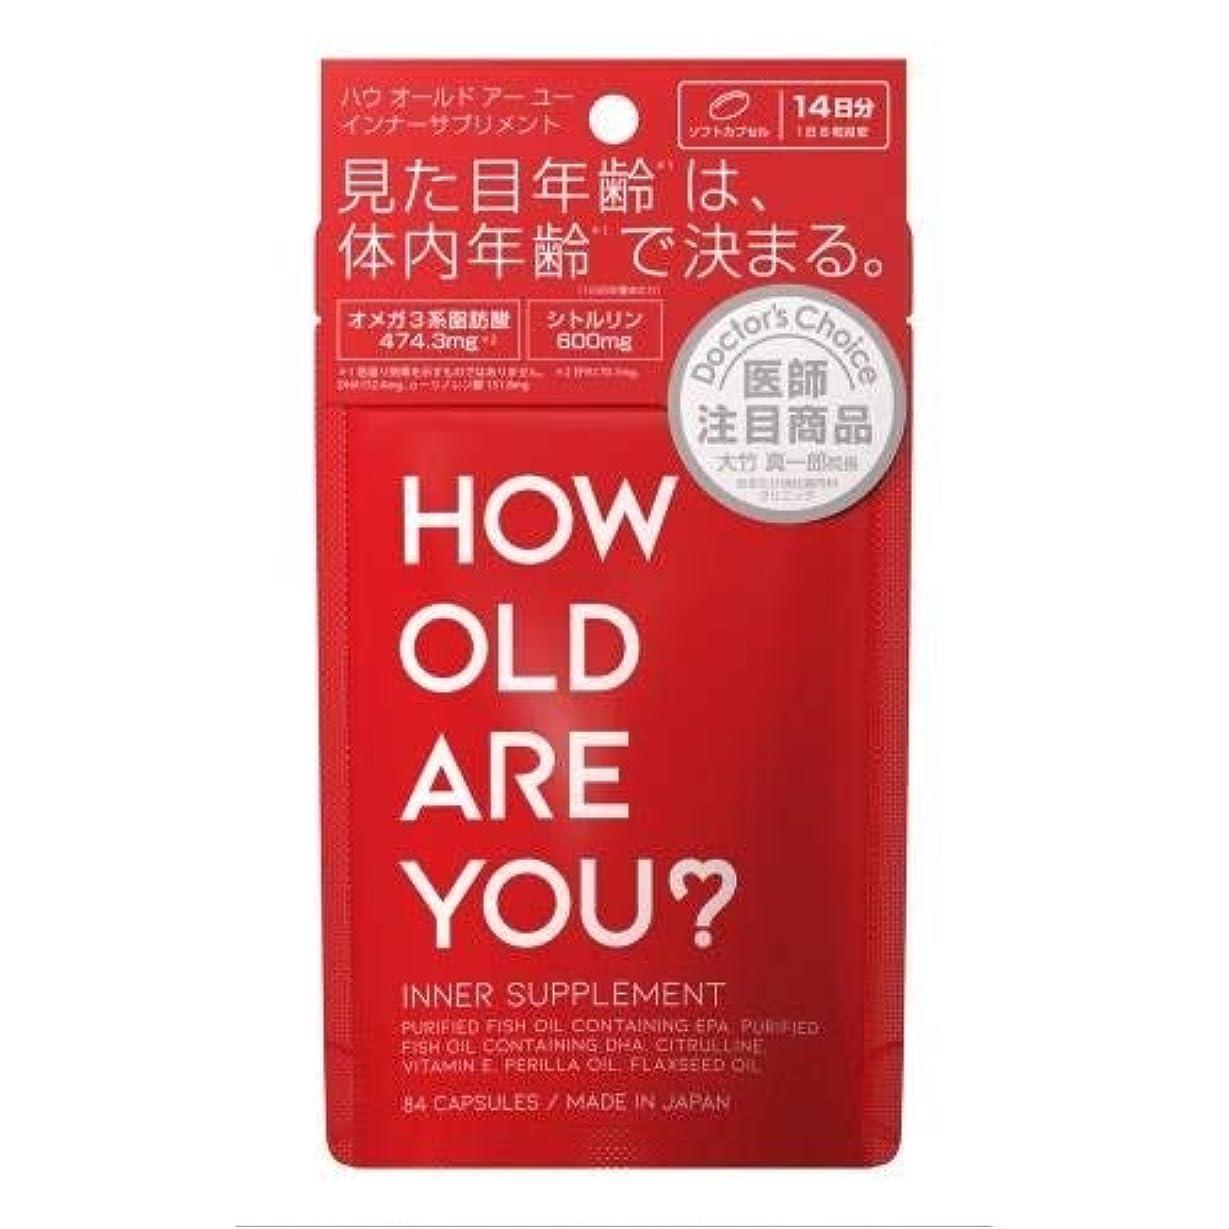 分散ありがたい水差し【2個セット】HOW OLD ARE YOU?インナーサプリメント 84粒